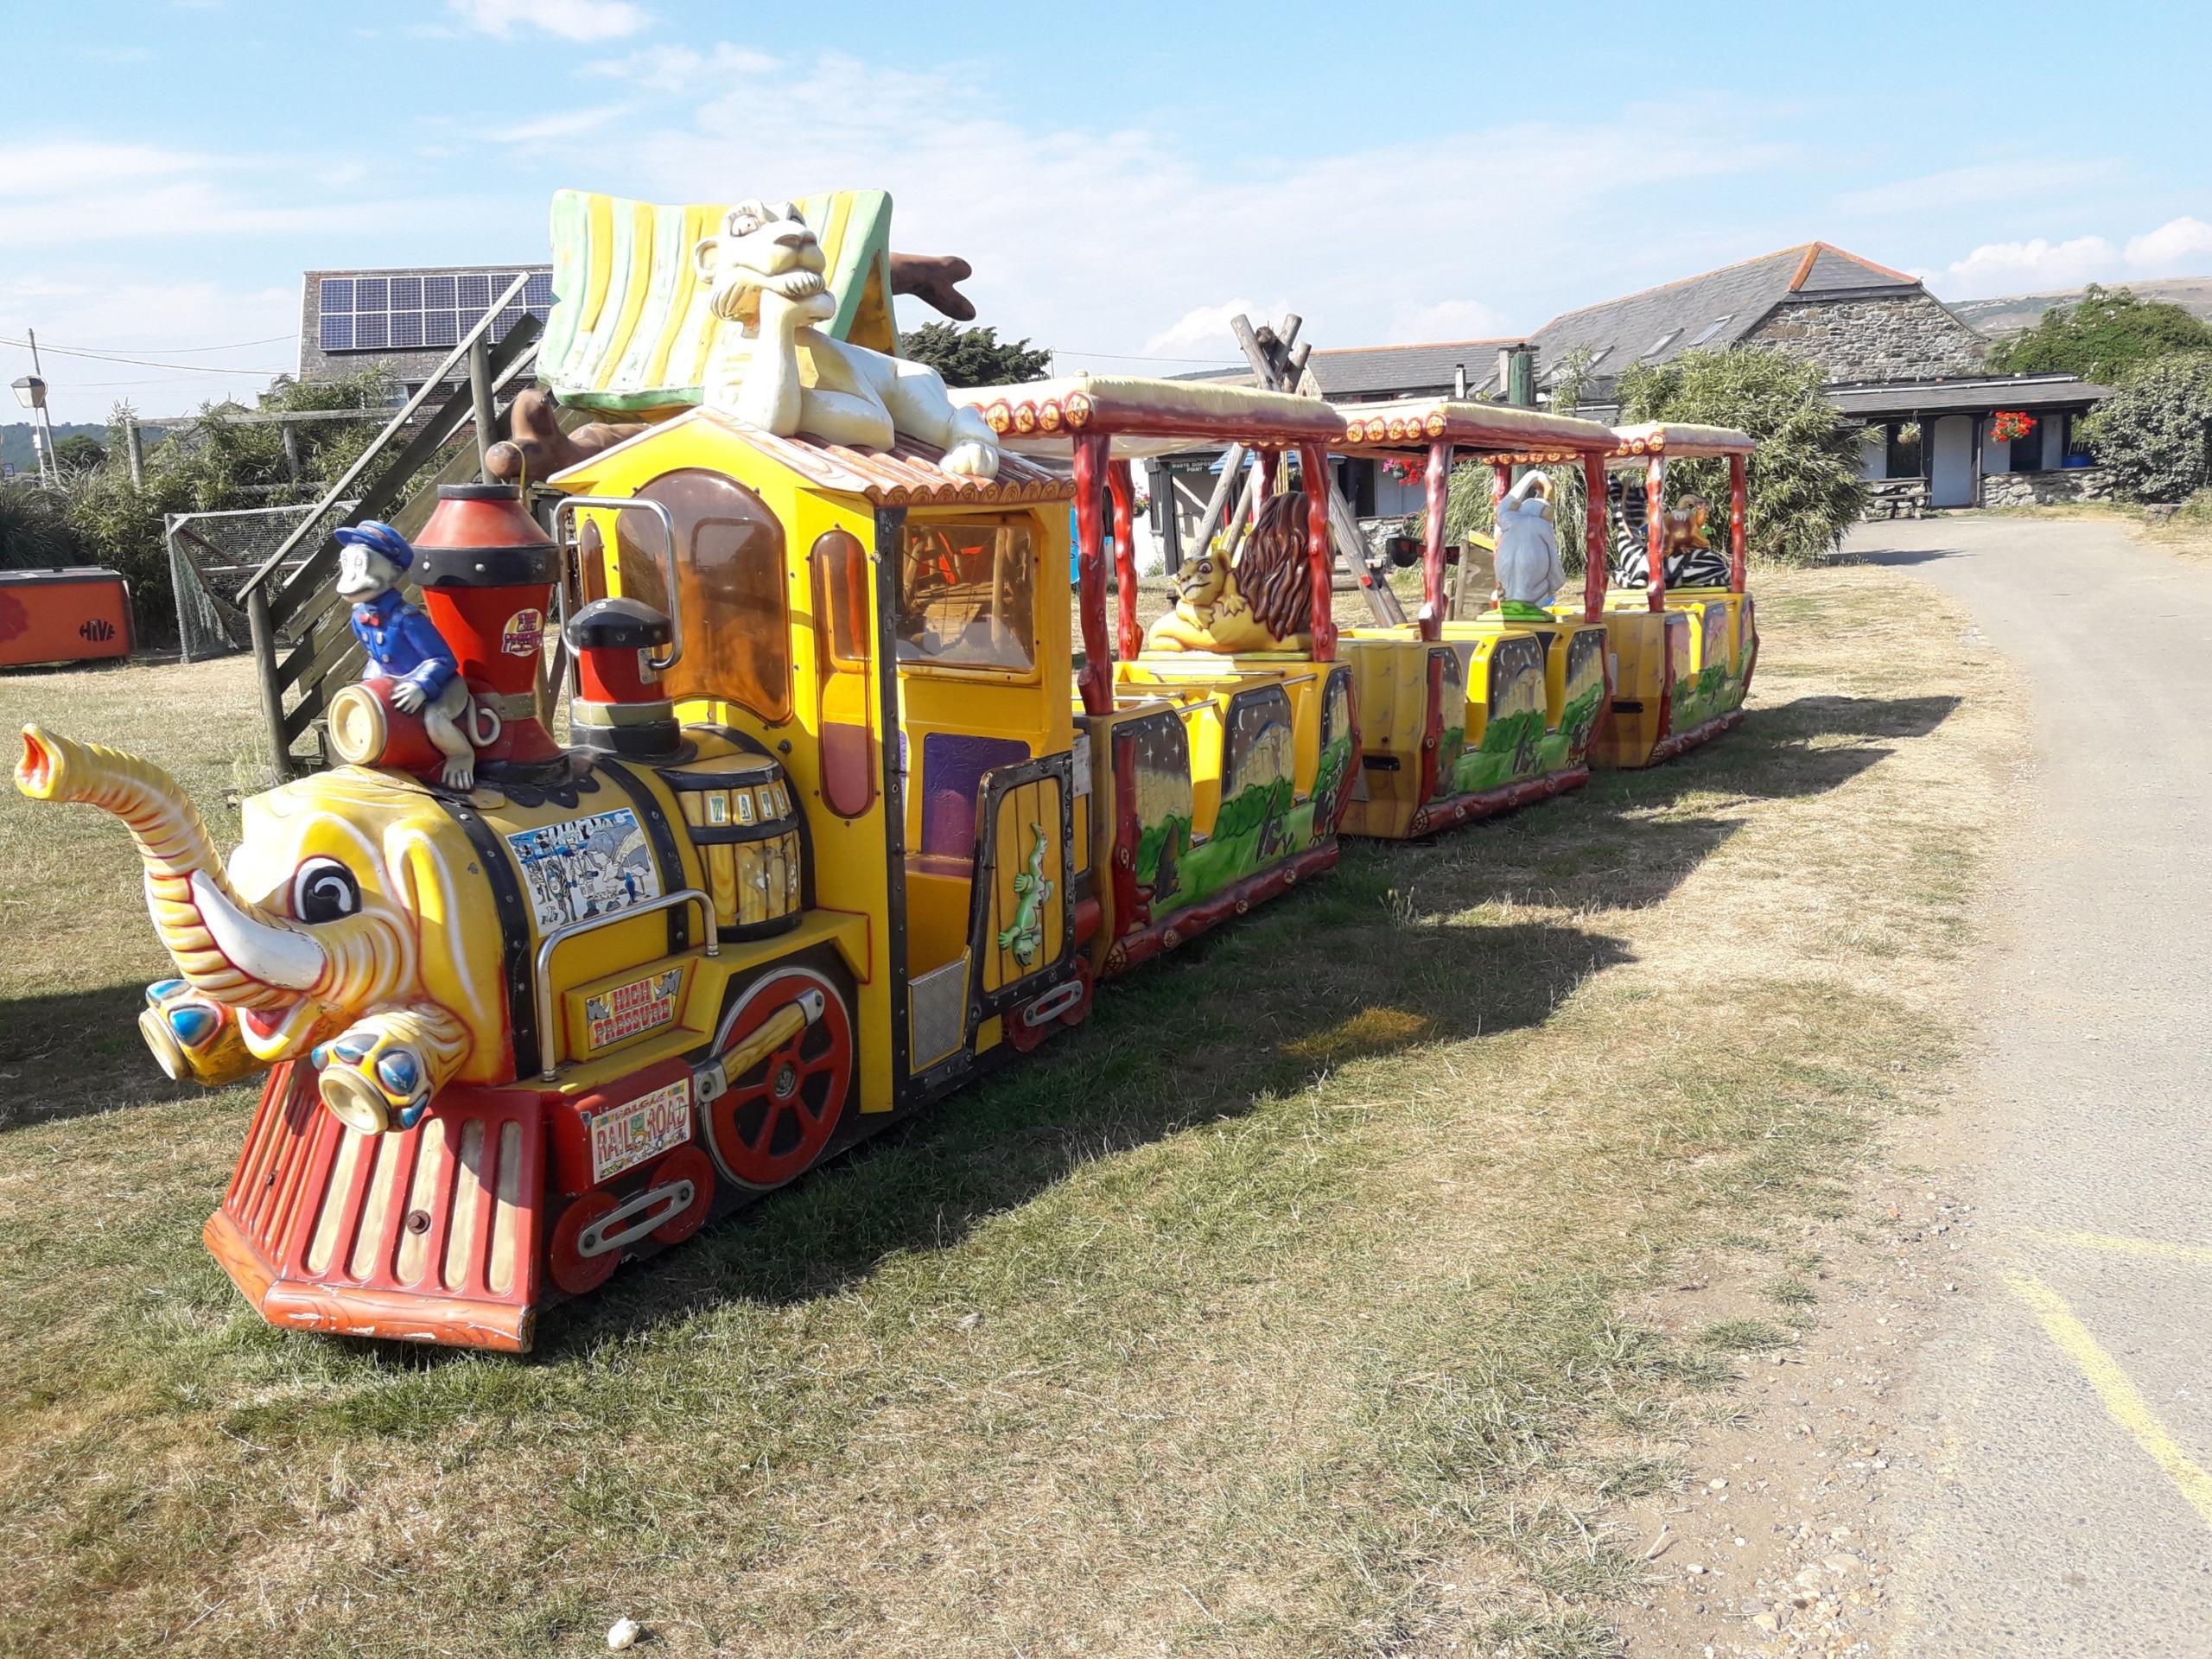 Kiddie train